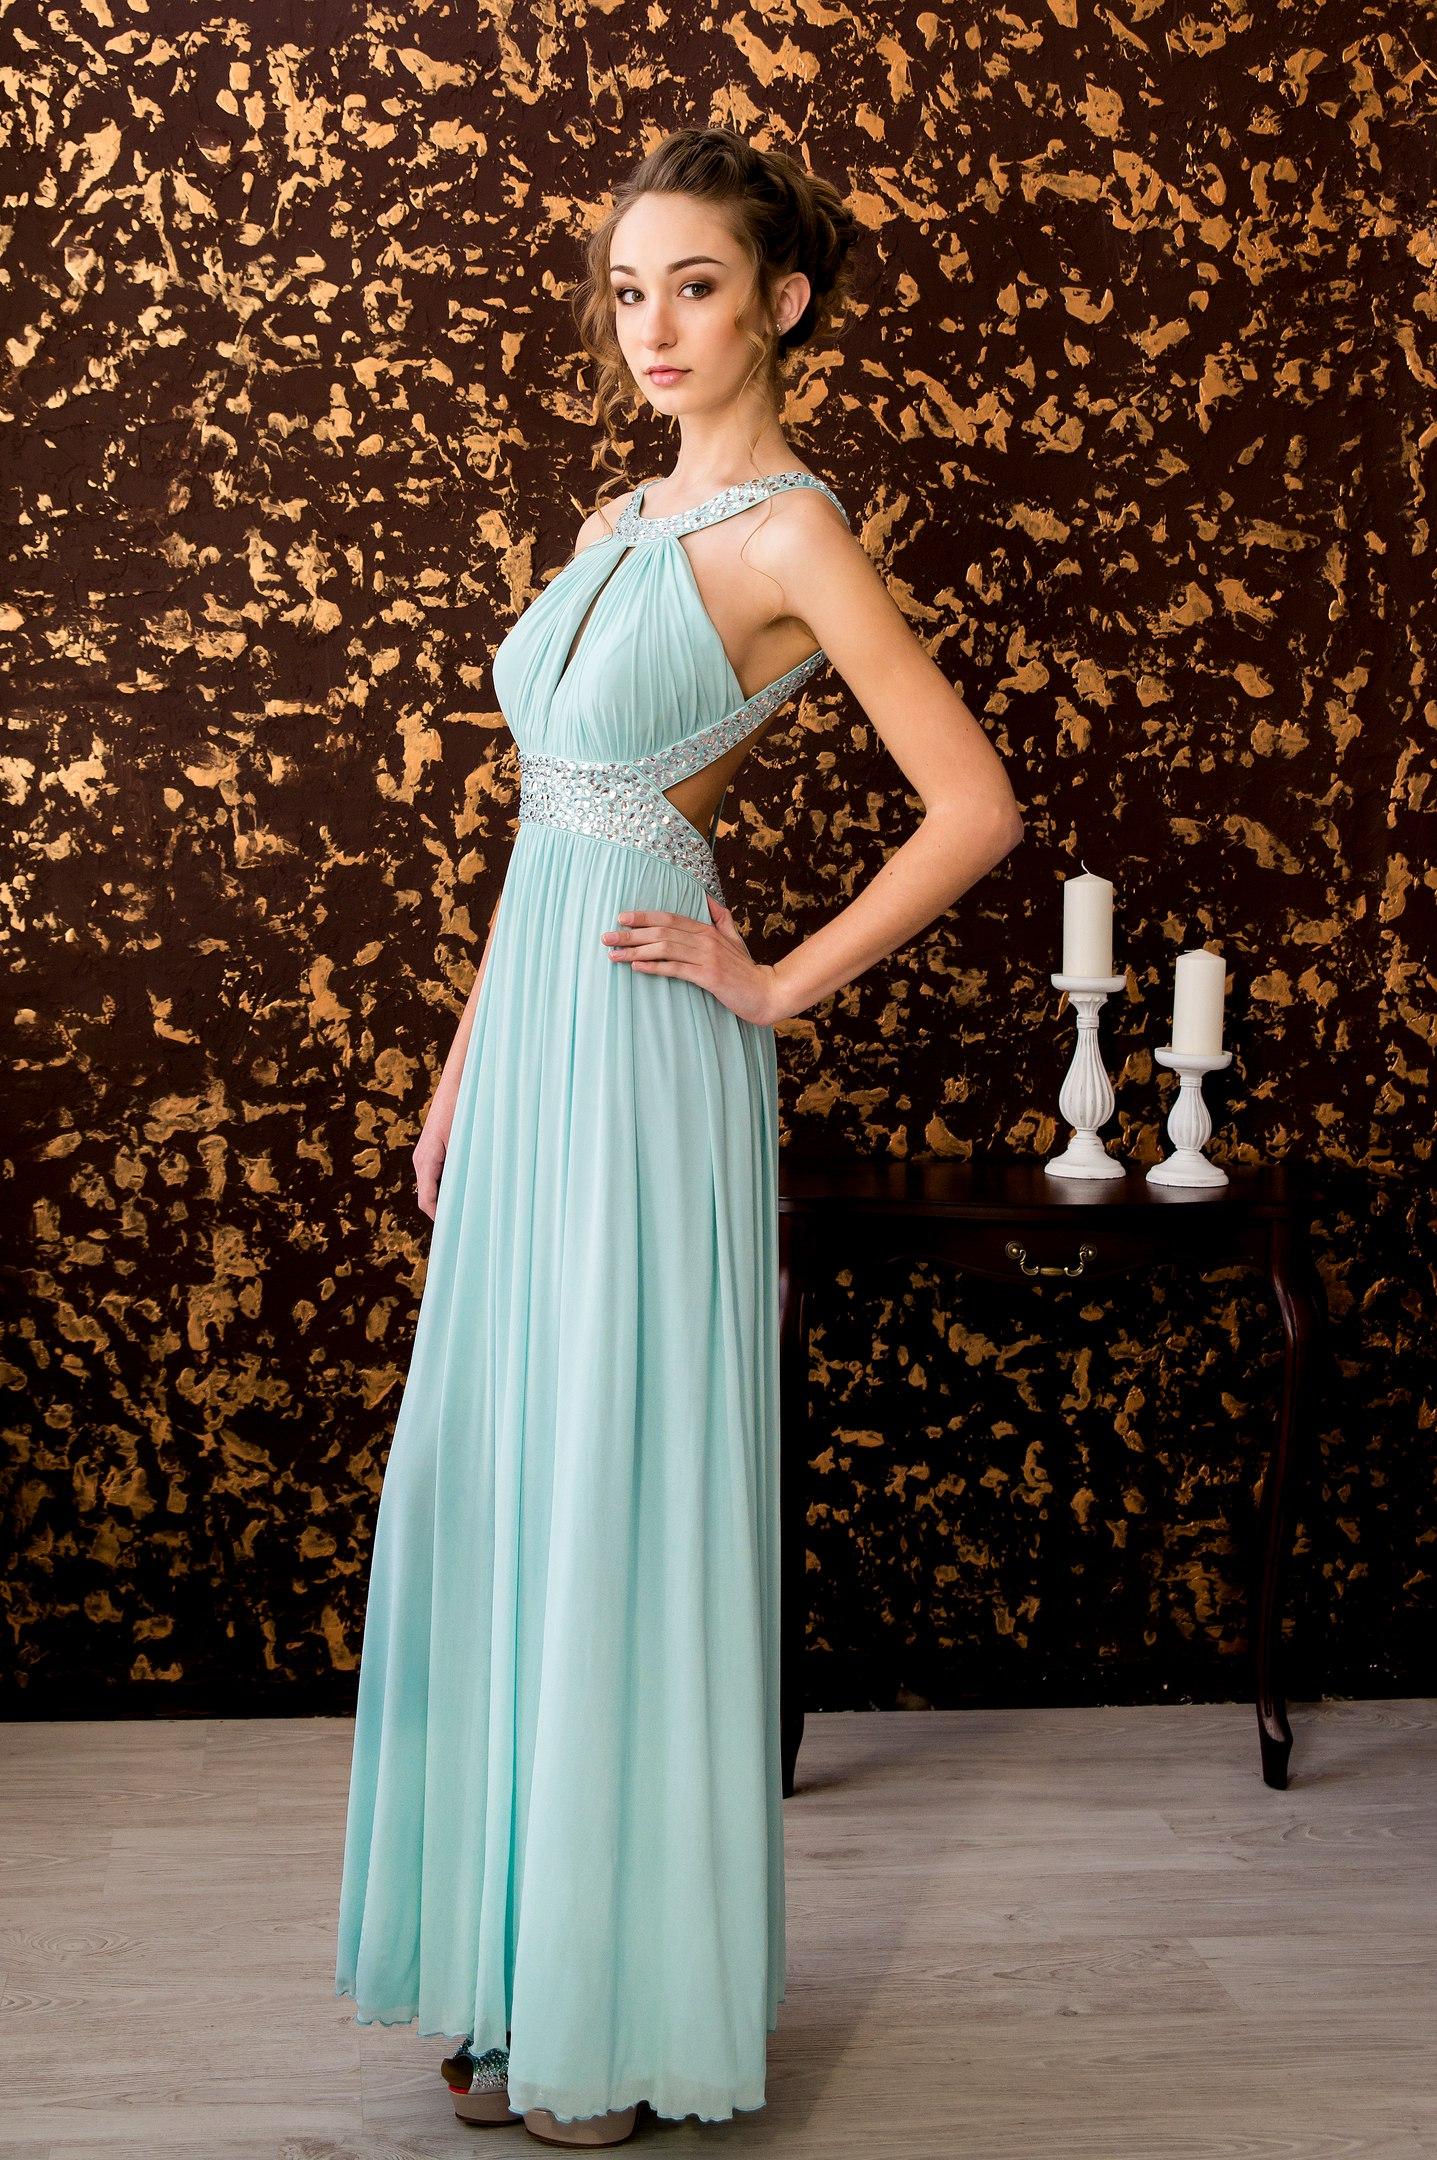 Прокат вечерних платьев в витебске и цены